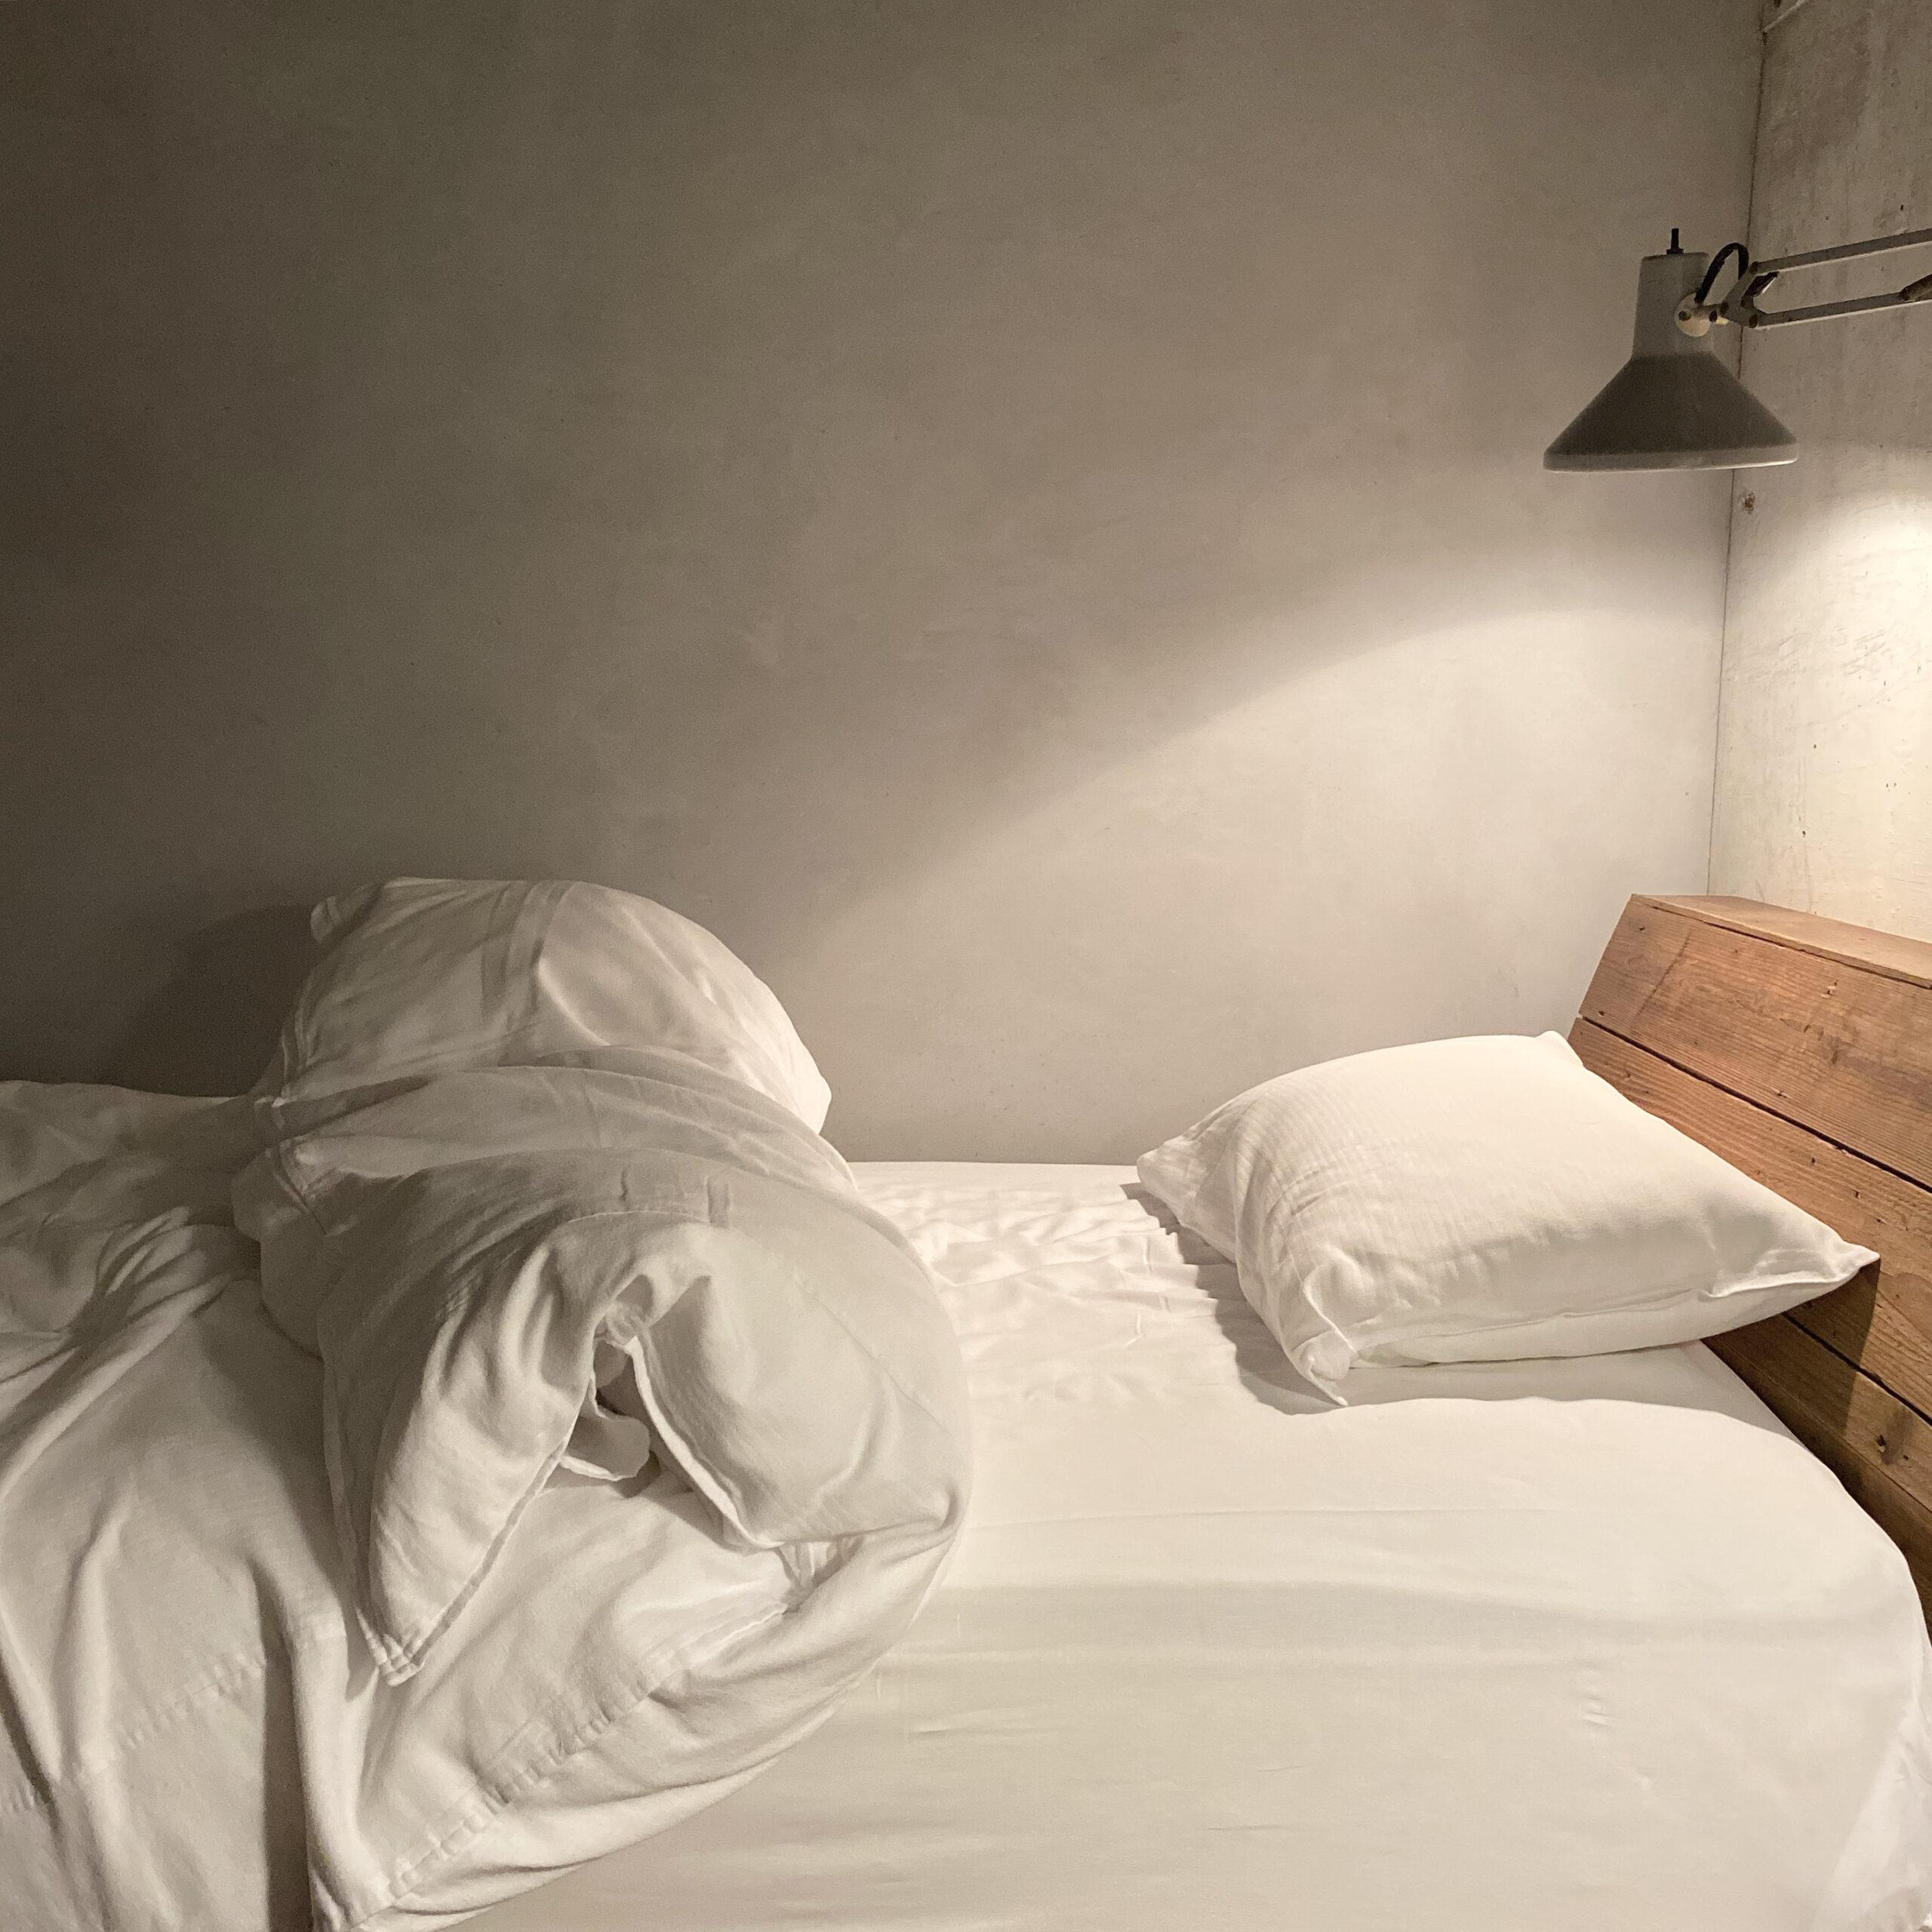 Case1:誰がどのベッドで寝る?